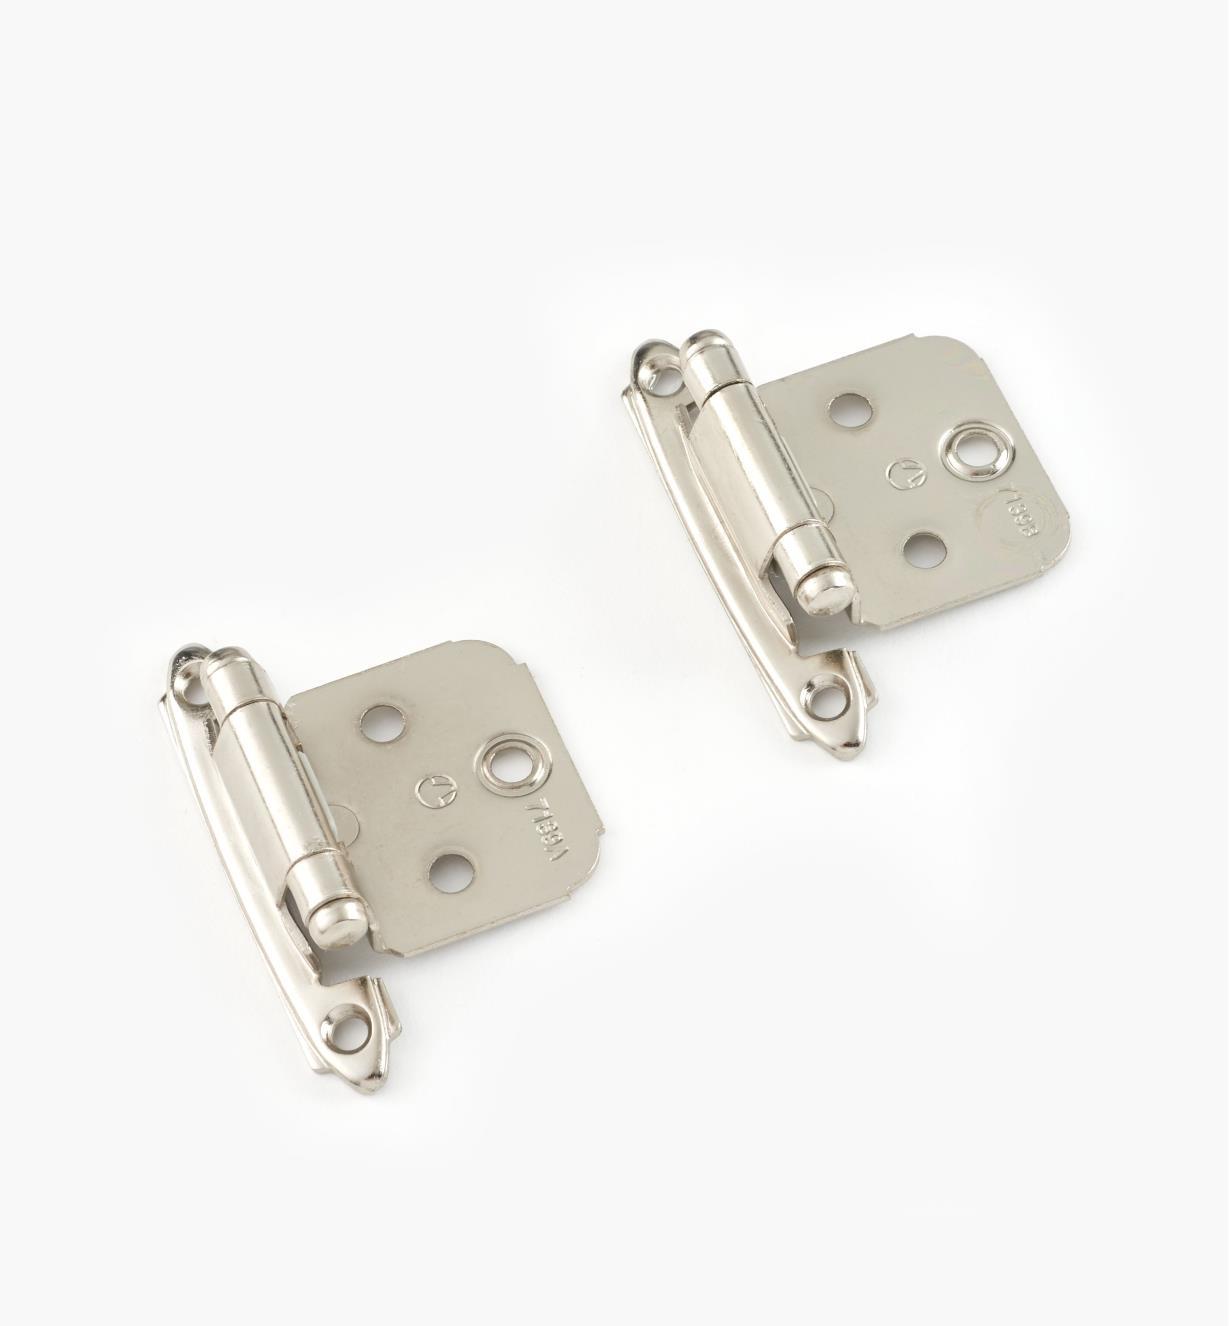 01H3201 - Nickel Plate Cupboard Hinges, pair